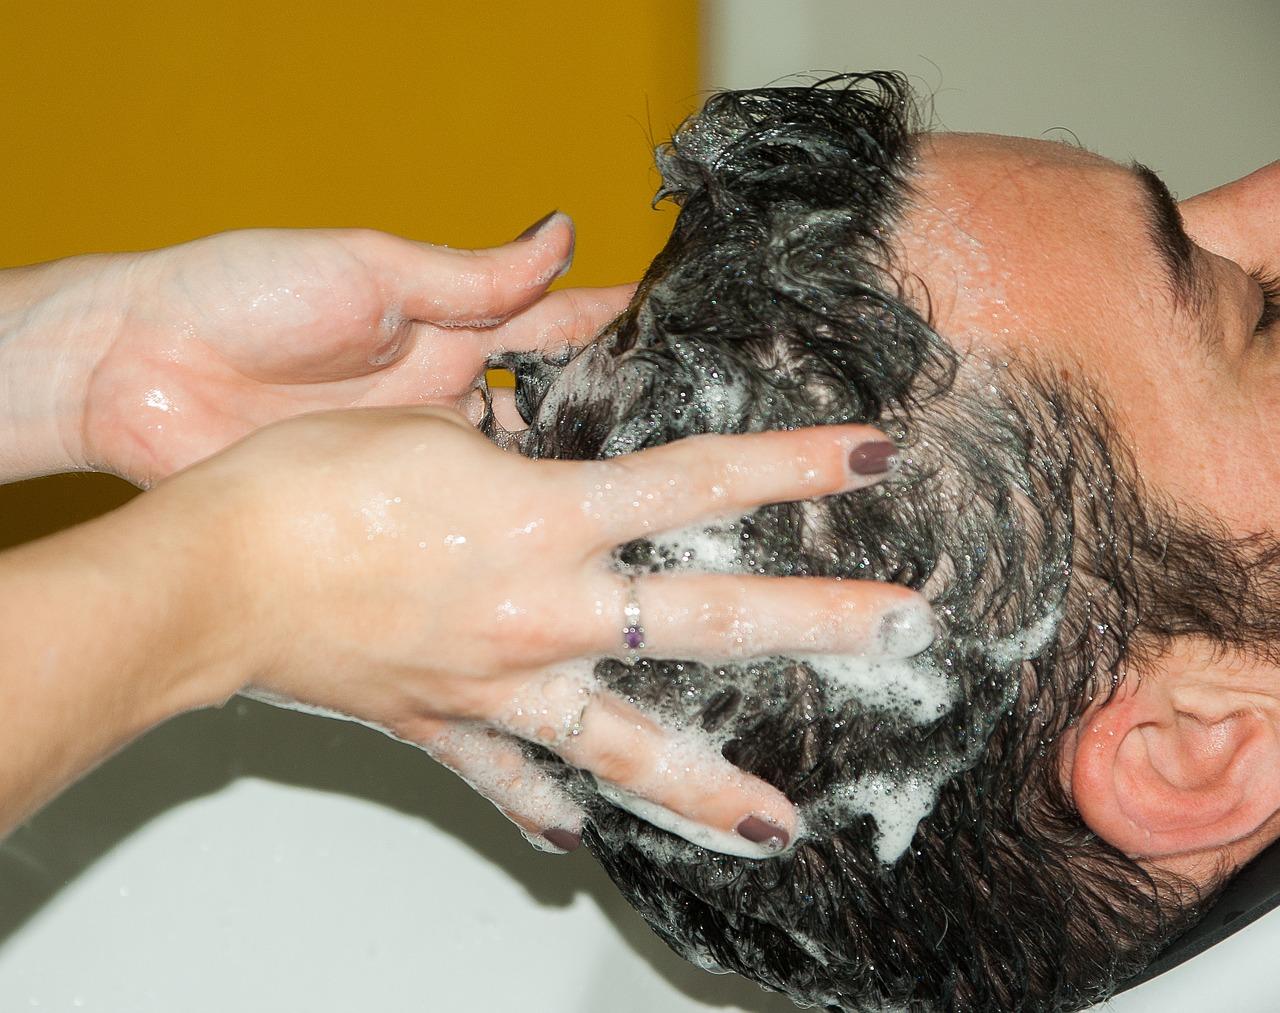 fejbőr pikkelysömör kezelést okoz vörös foltok jelentek meg a könyökön és viszketnek